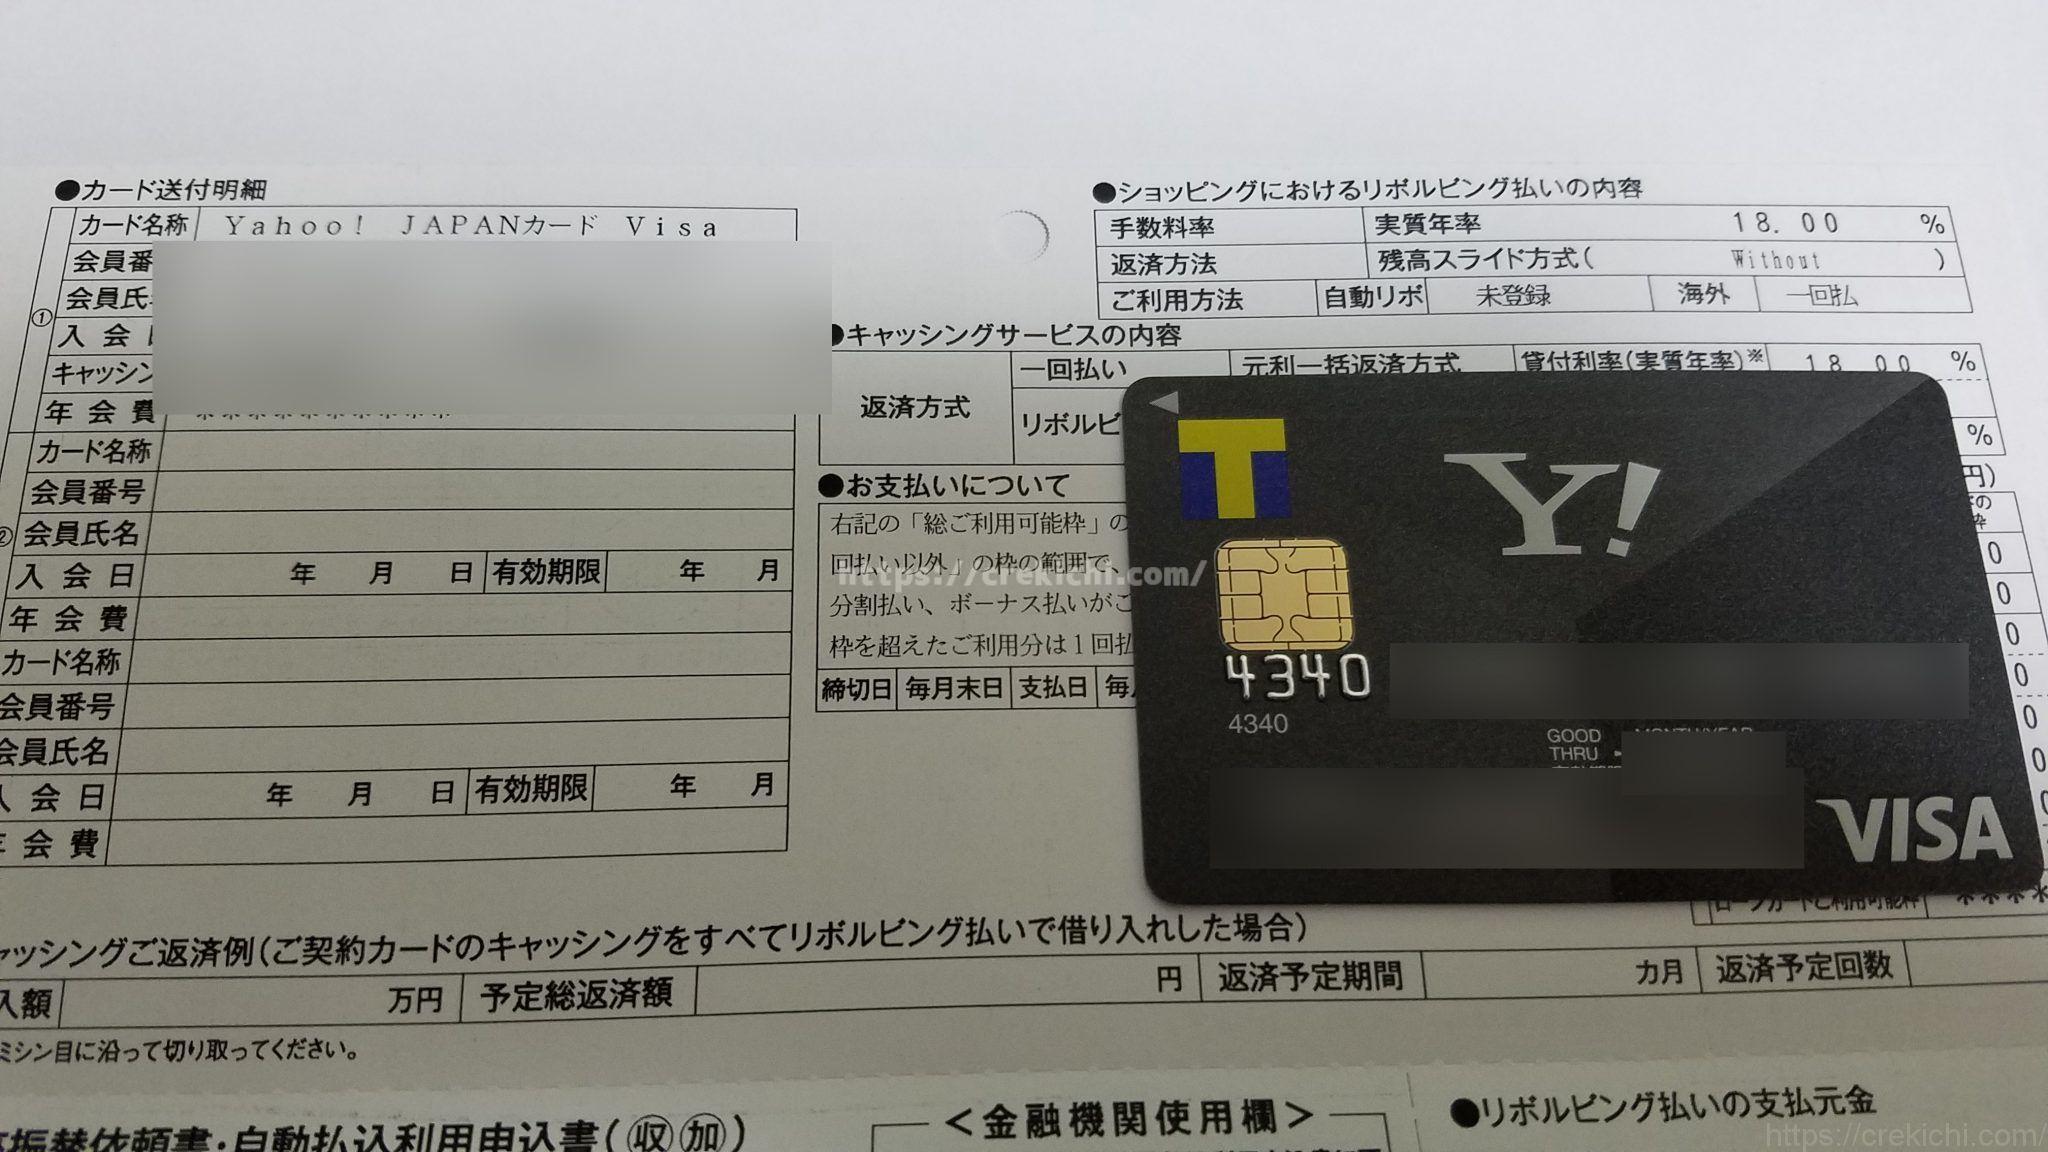 Yahoo カード 分割